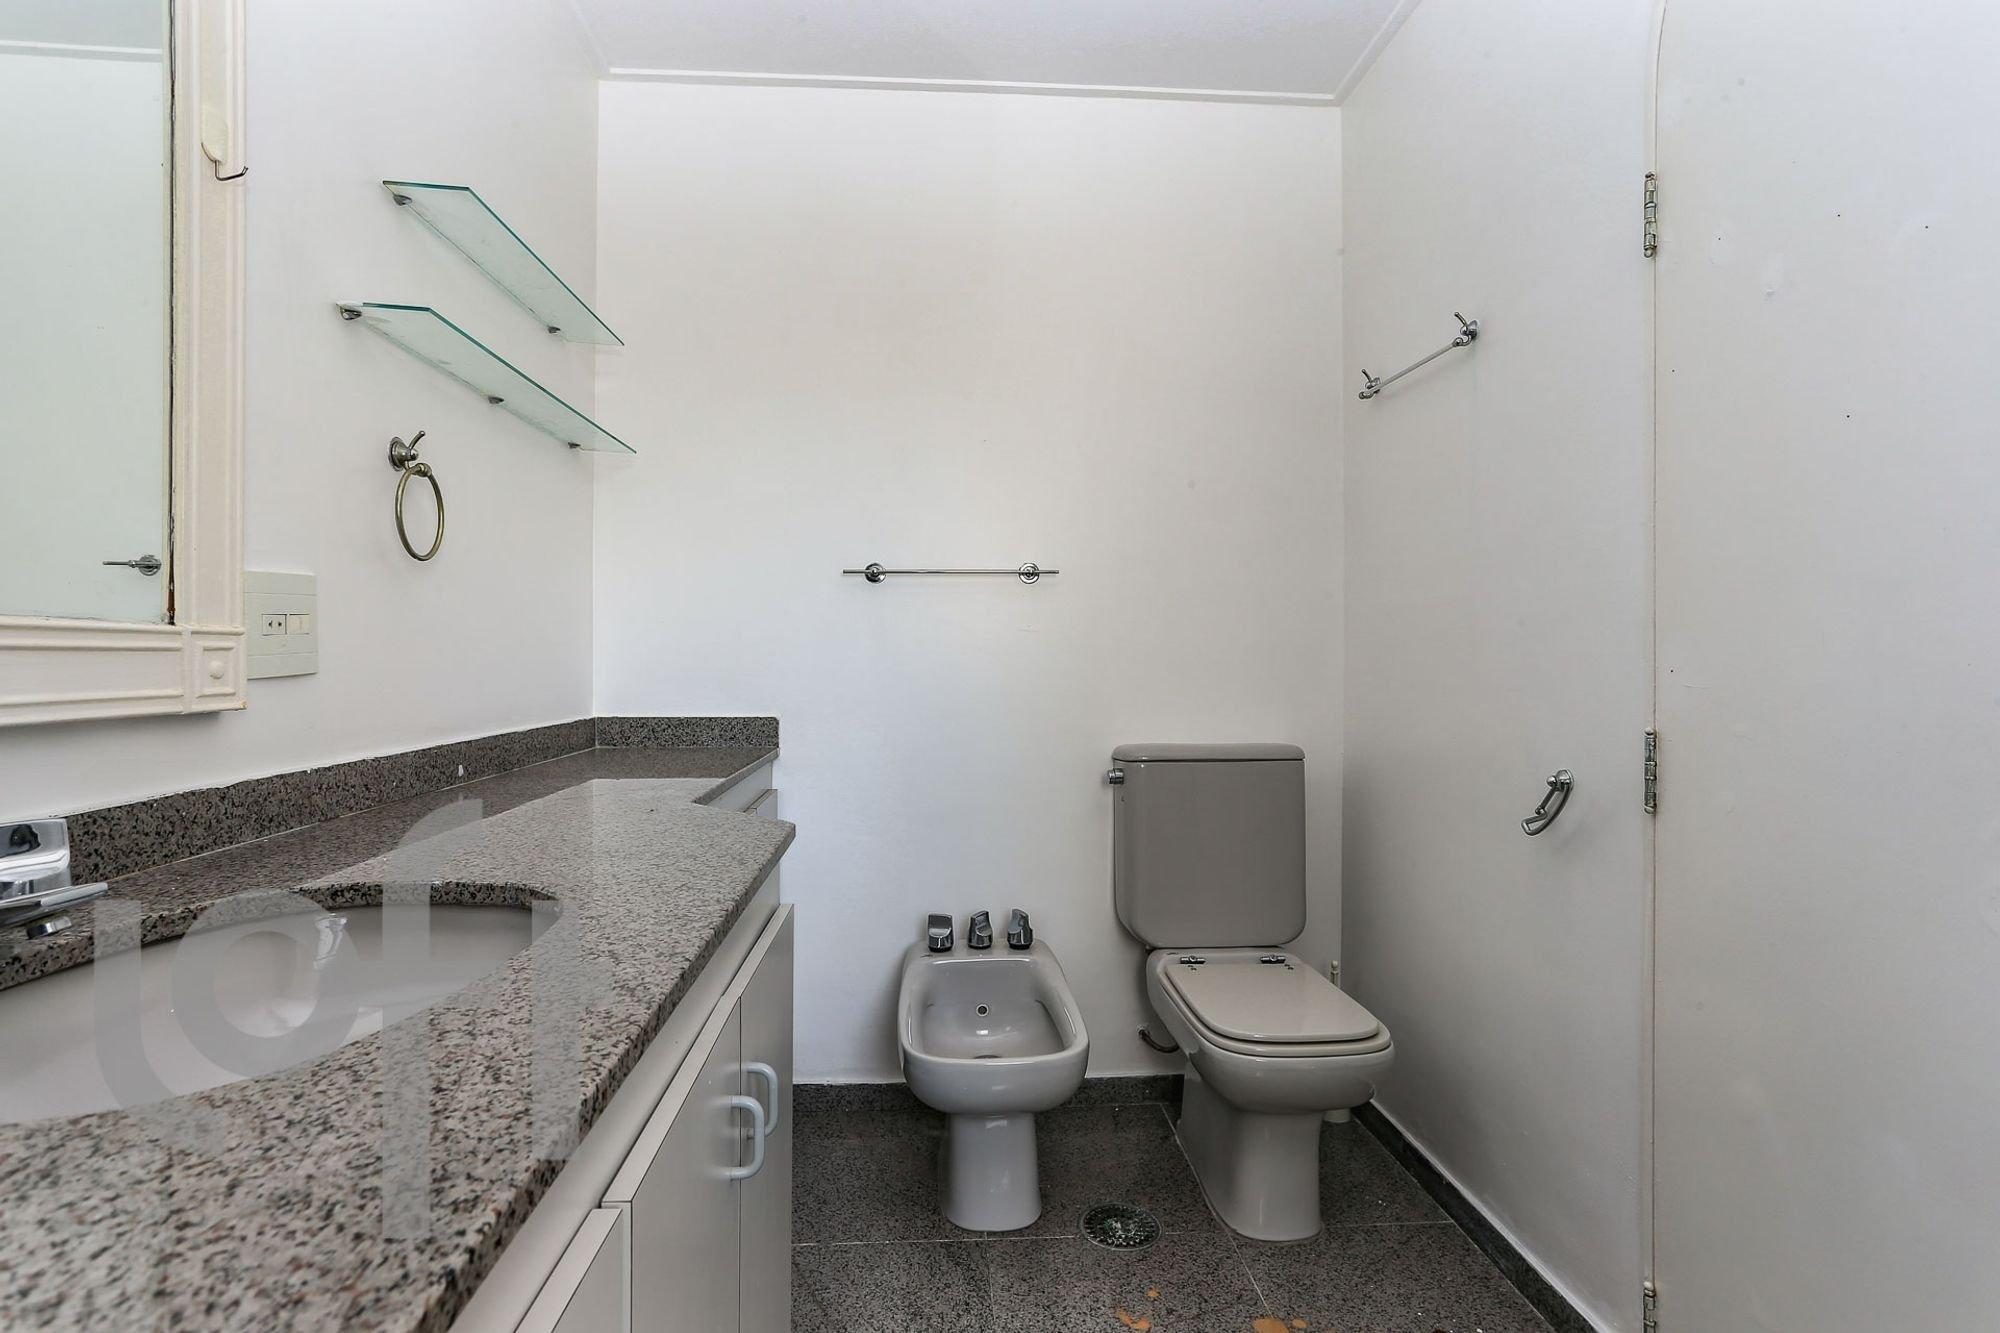 Foto de Banheiro com vaso sanitário, pia